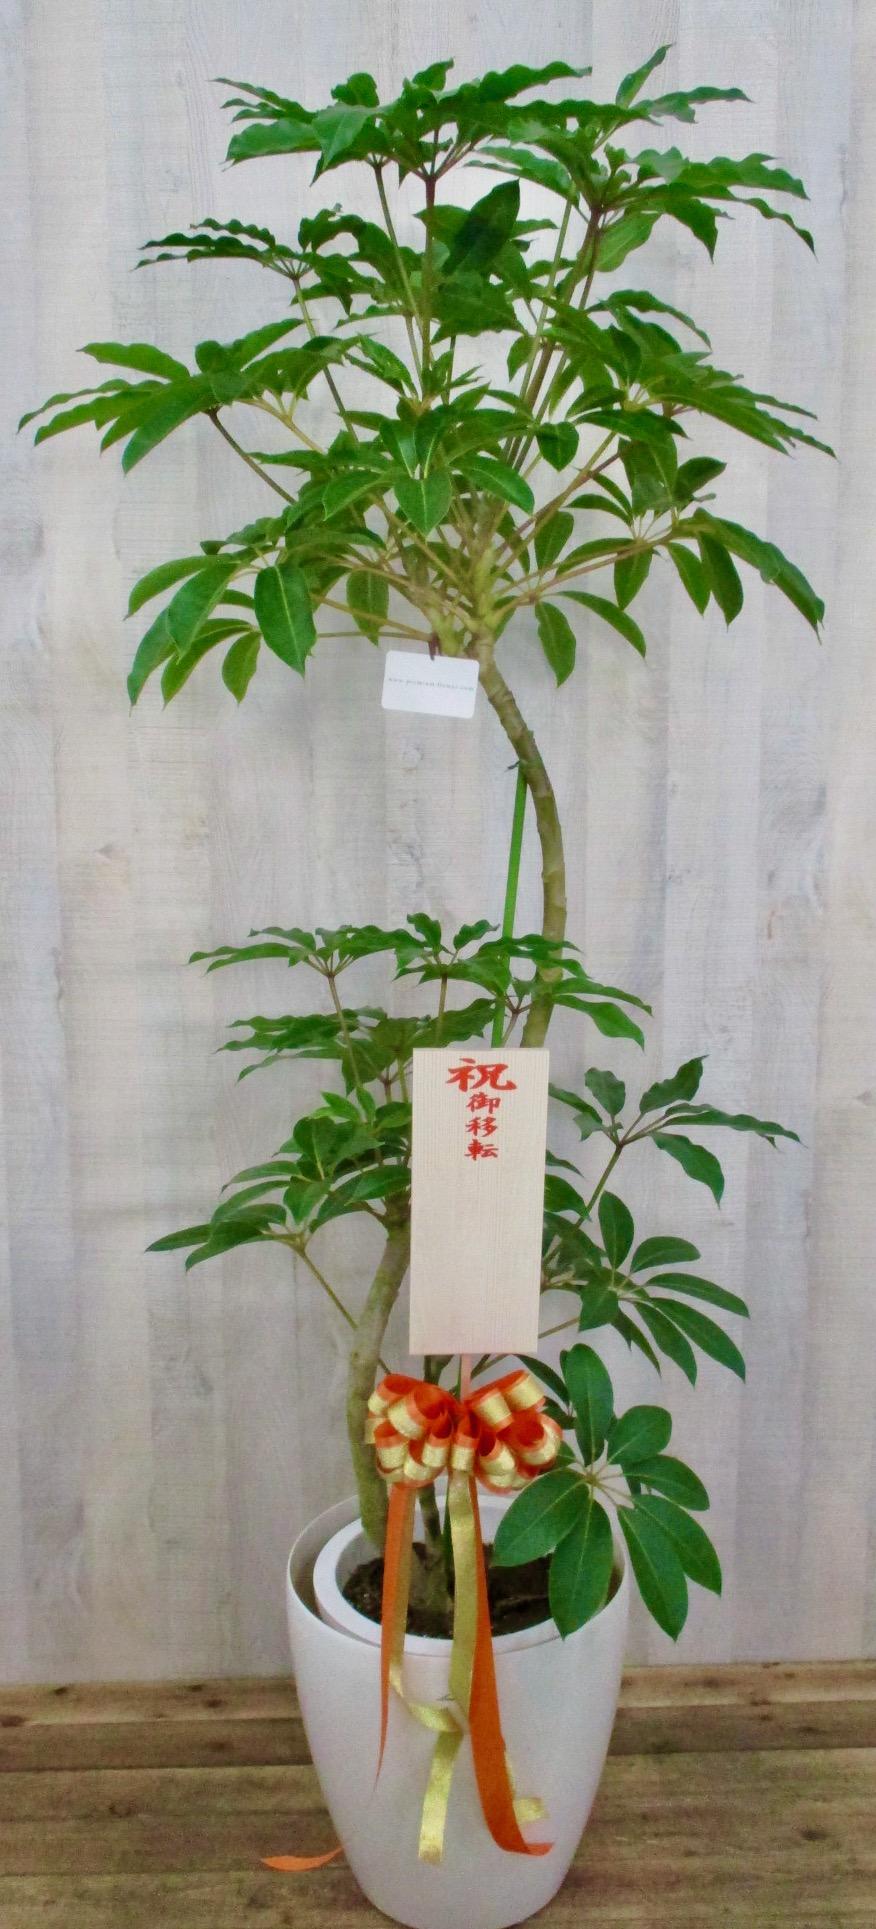 観葉植物2万円コース(インテリア鉢カバー付き)